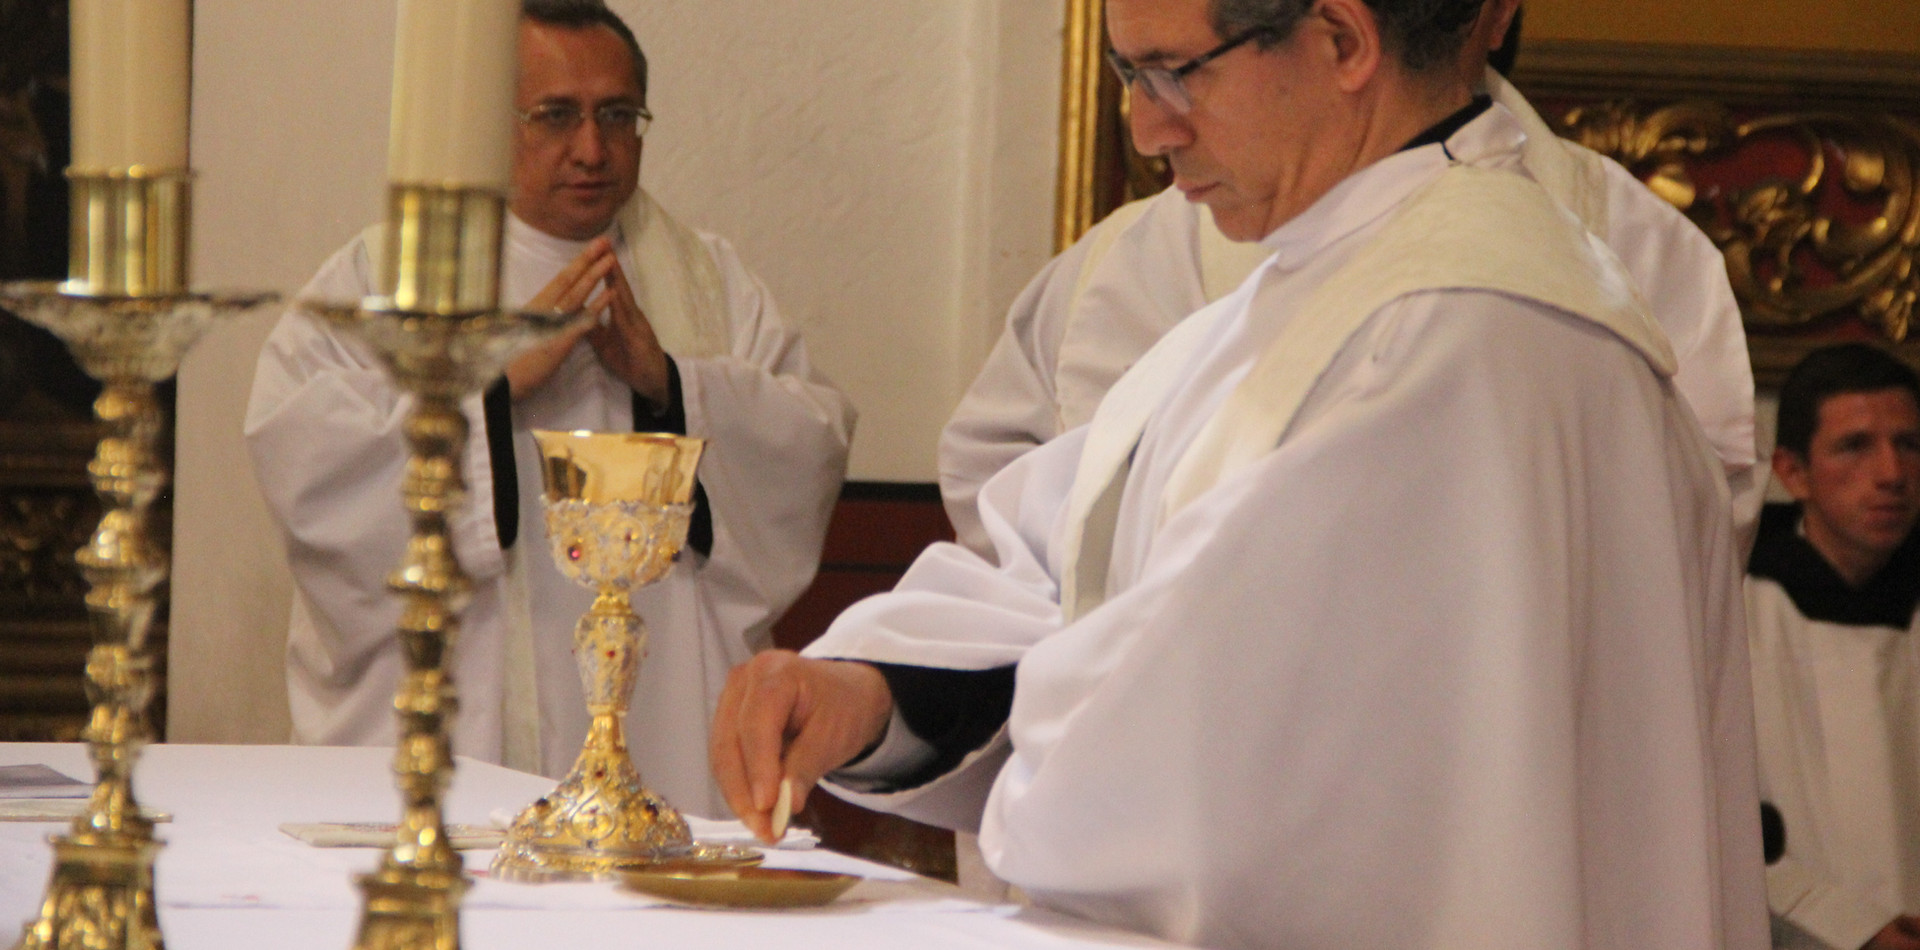 Eucaristía solemne - Día de San Agustín